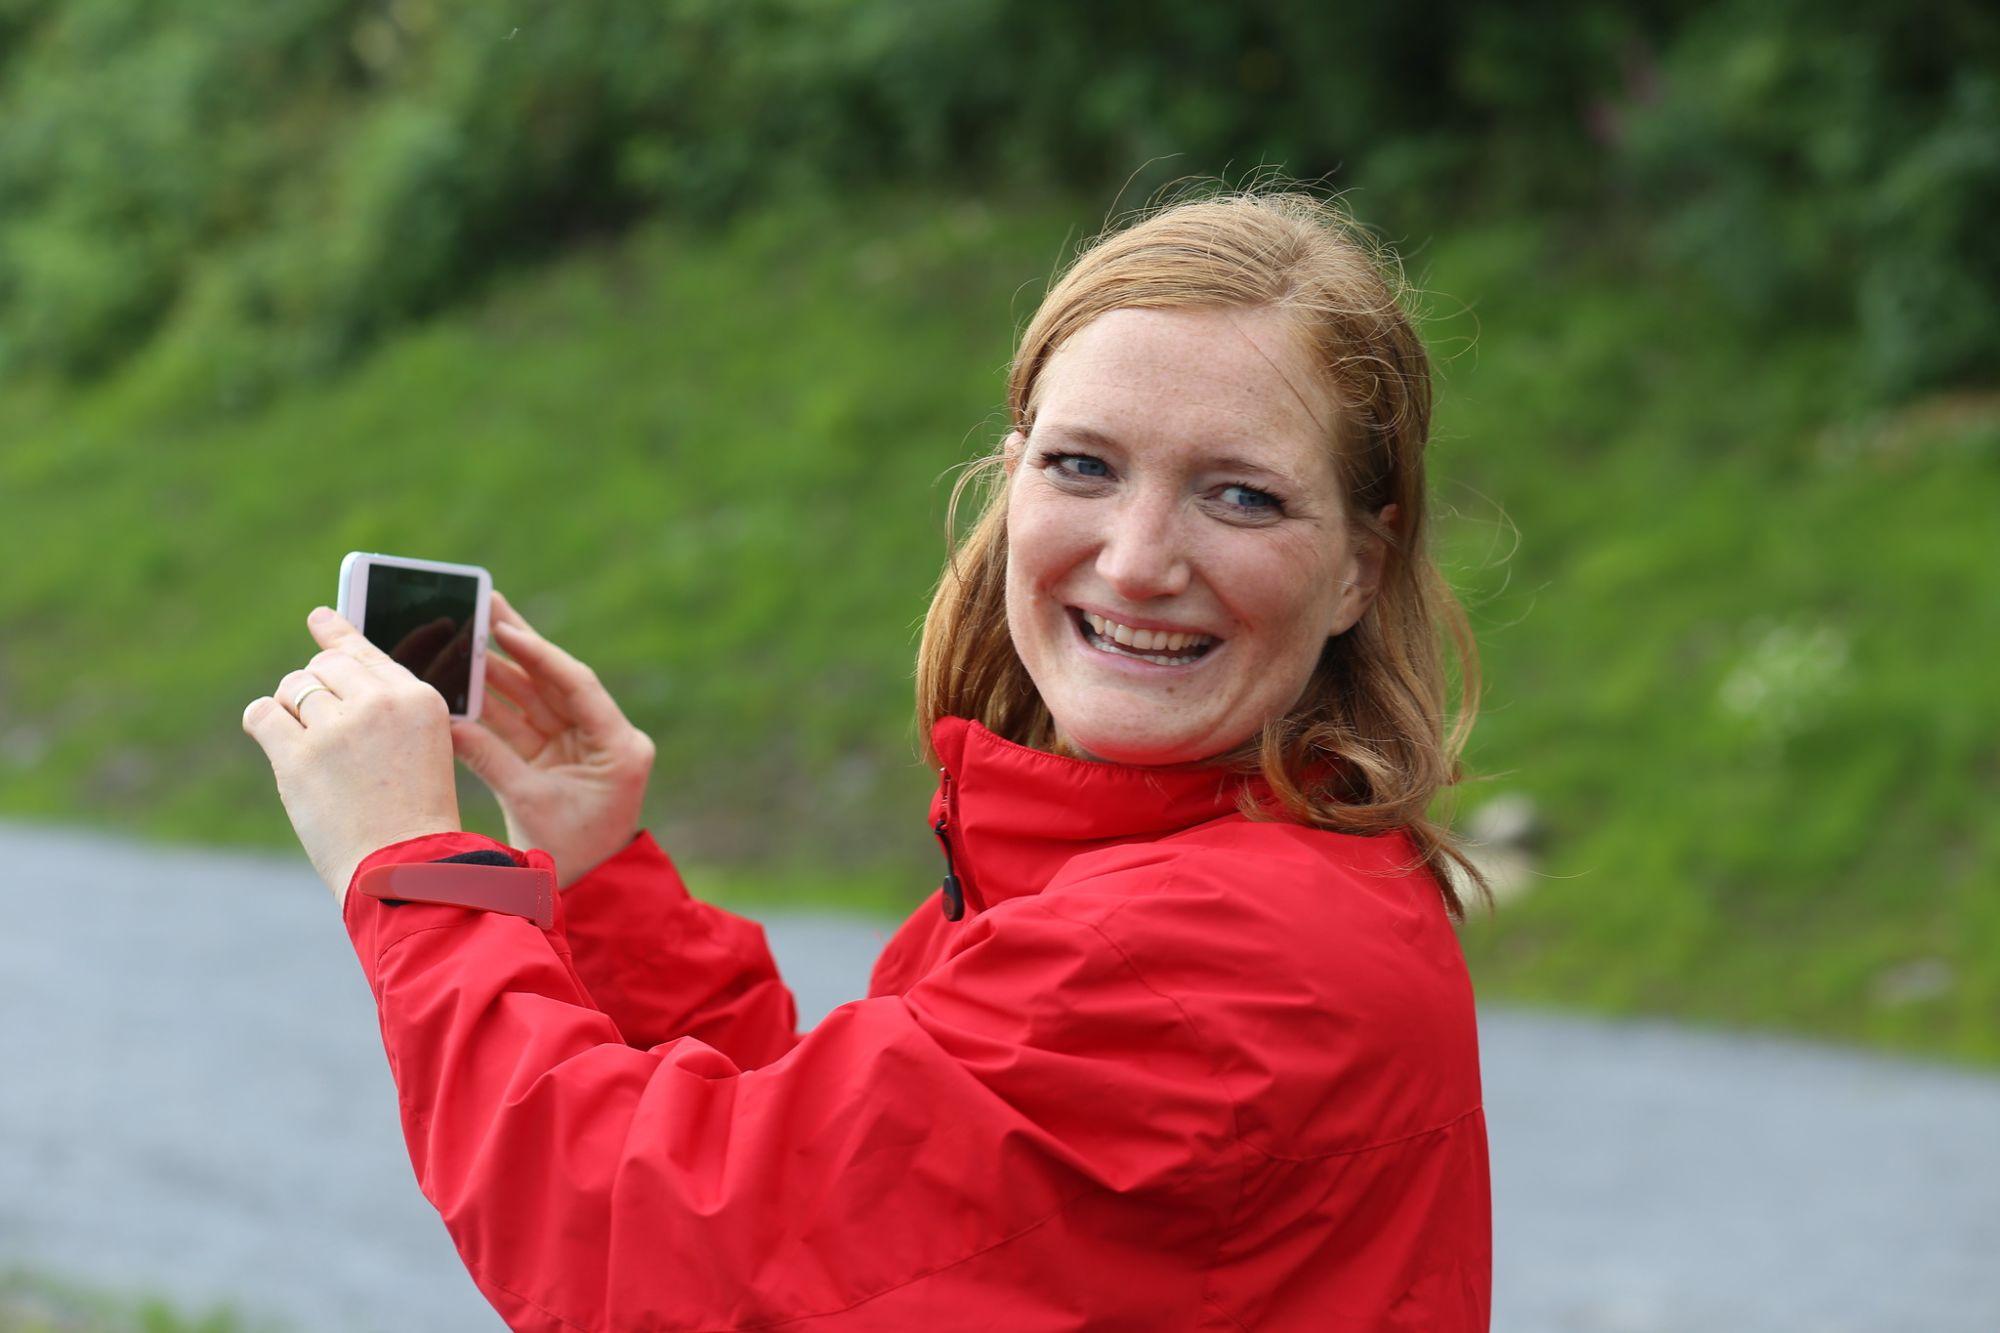 Bodøs ordførerkandidat Ida Pinnerød står utendørs smilende i rød jakke. Hun holder en mobiltelefon i hendene. Bak henne er grønt gress og noen busker.